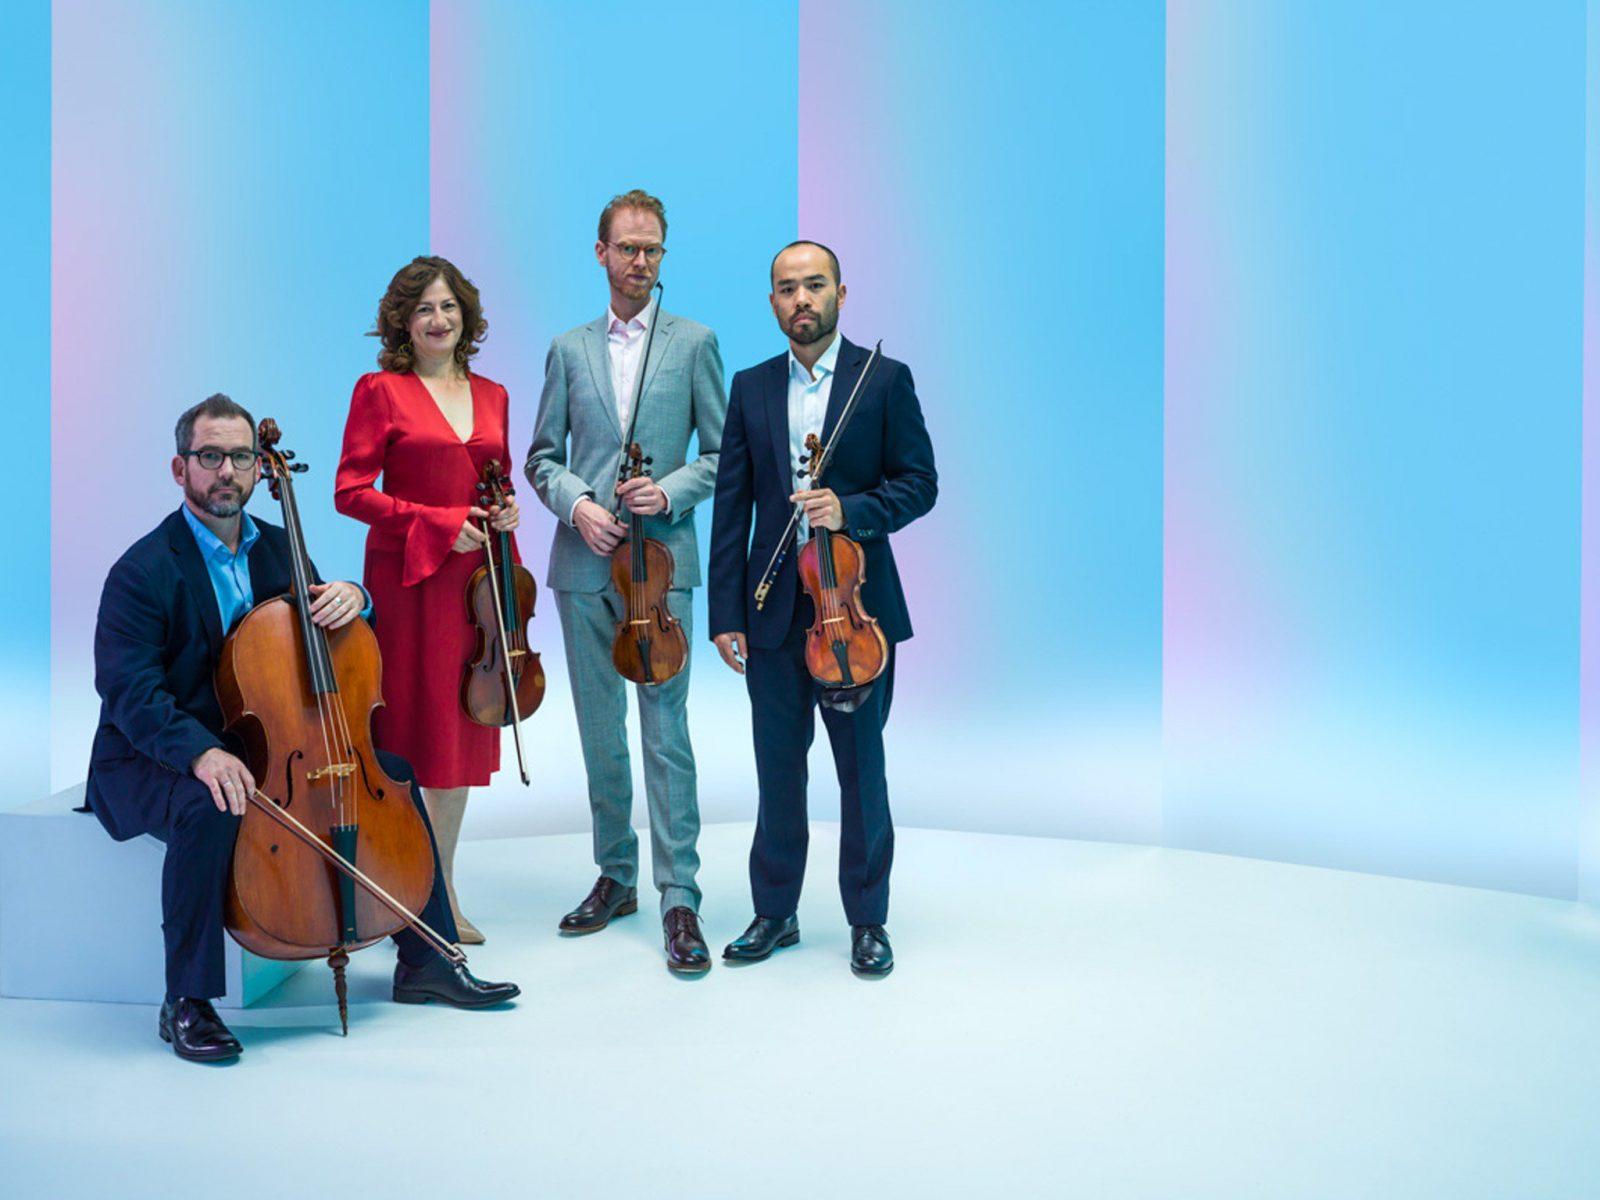 The Brandenburg Quartet